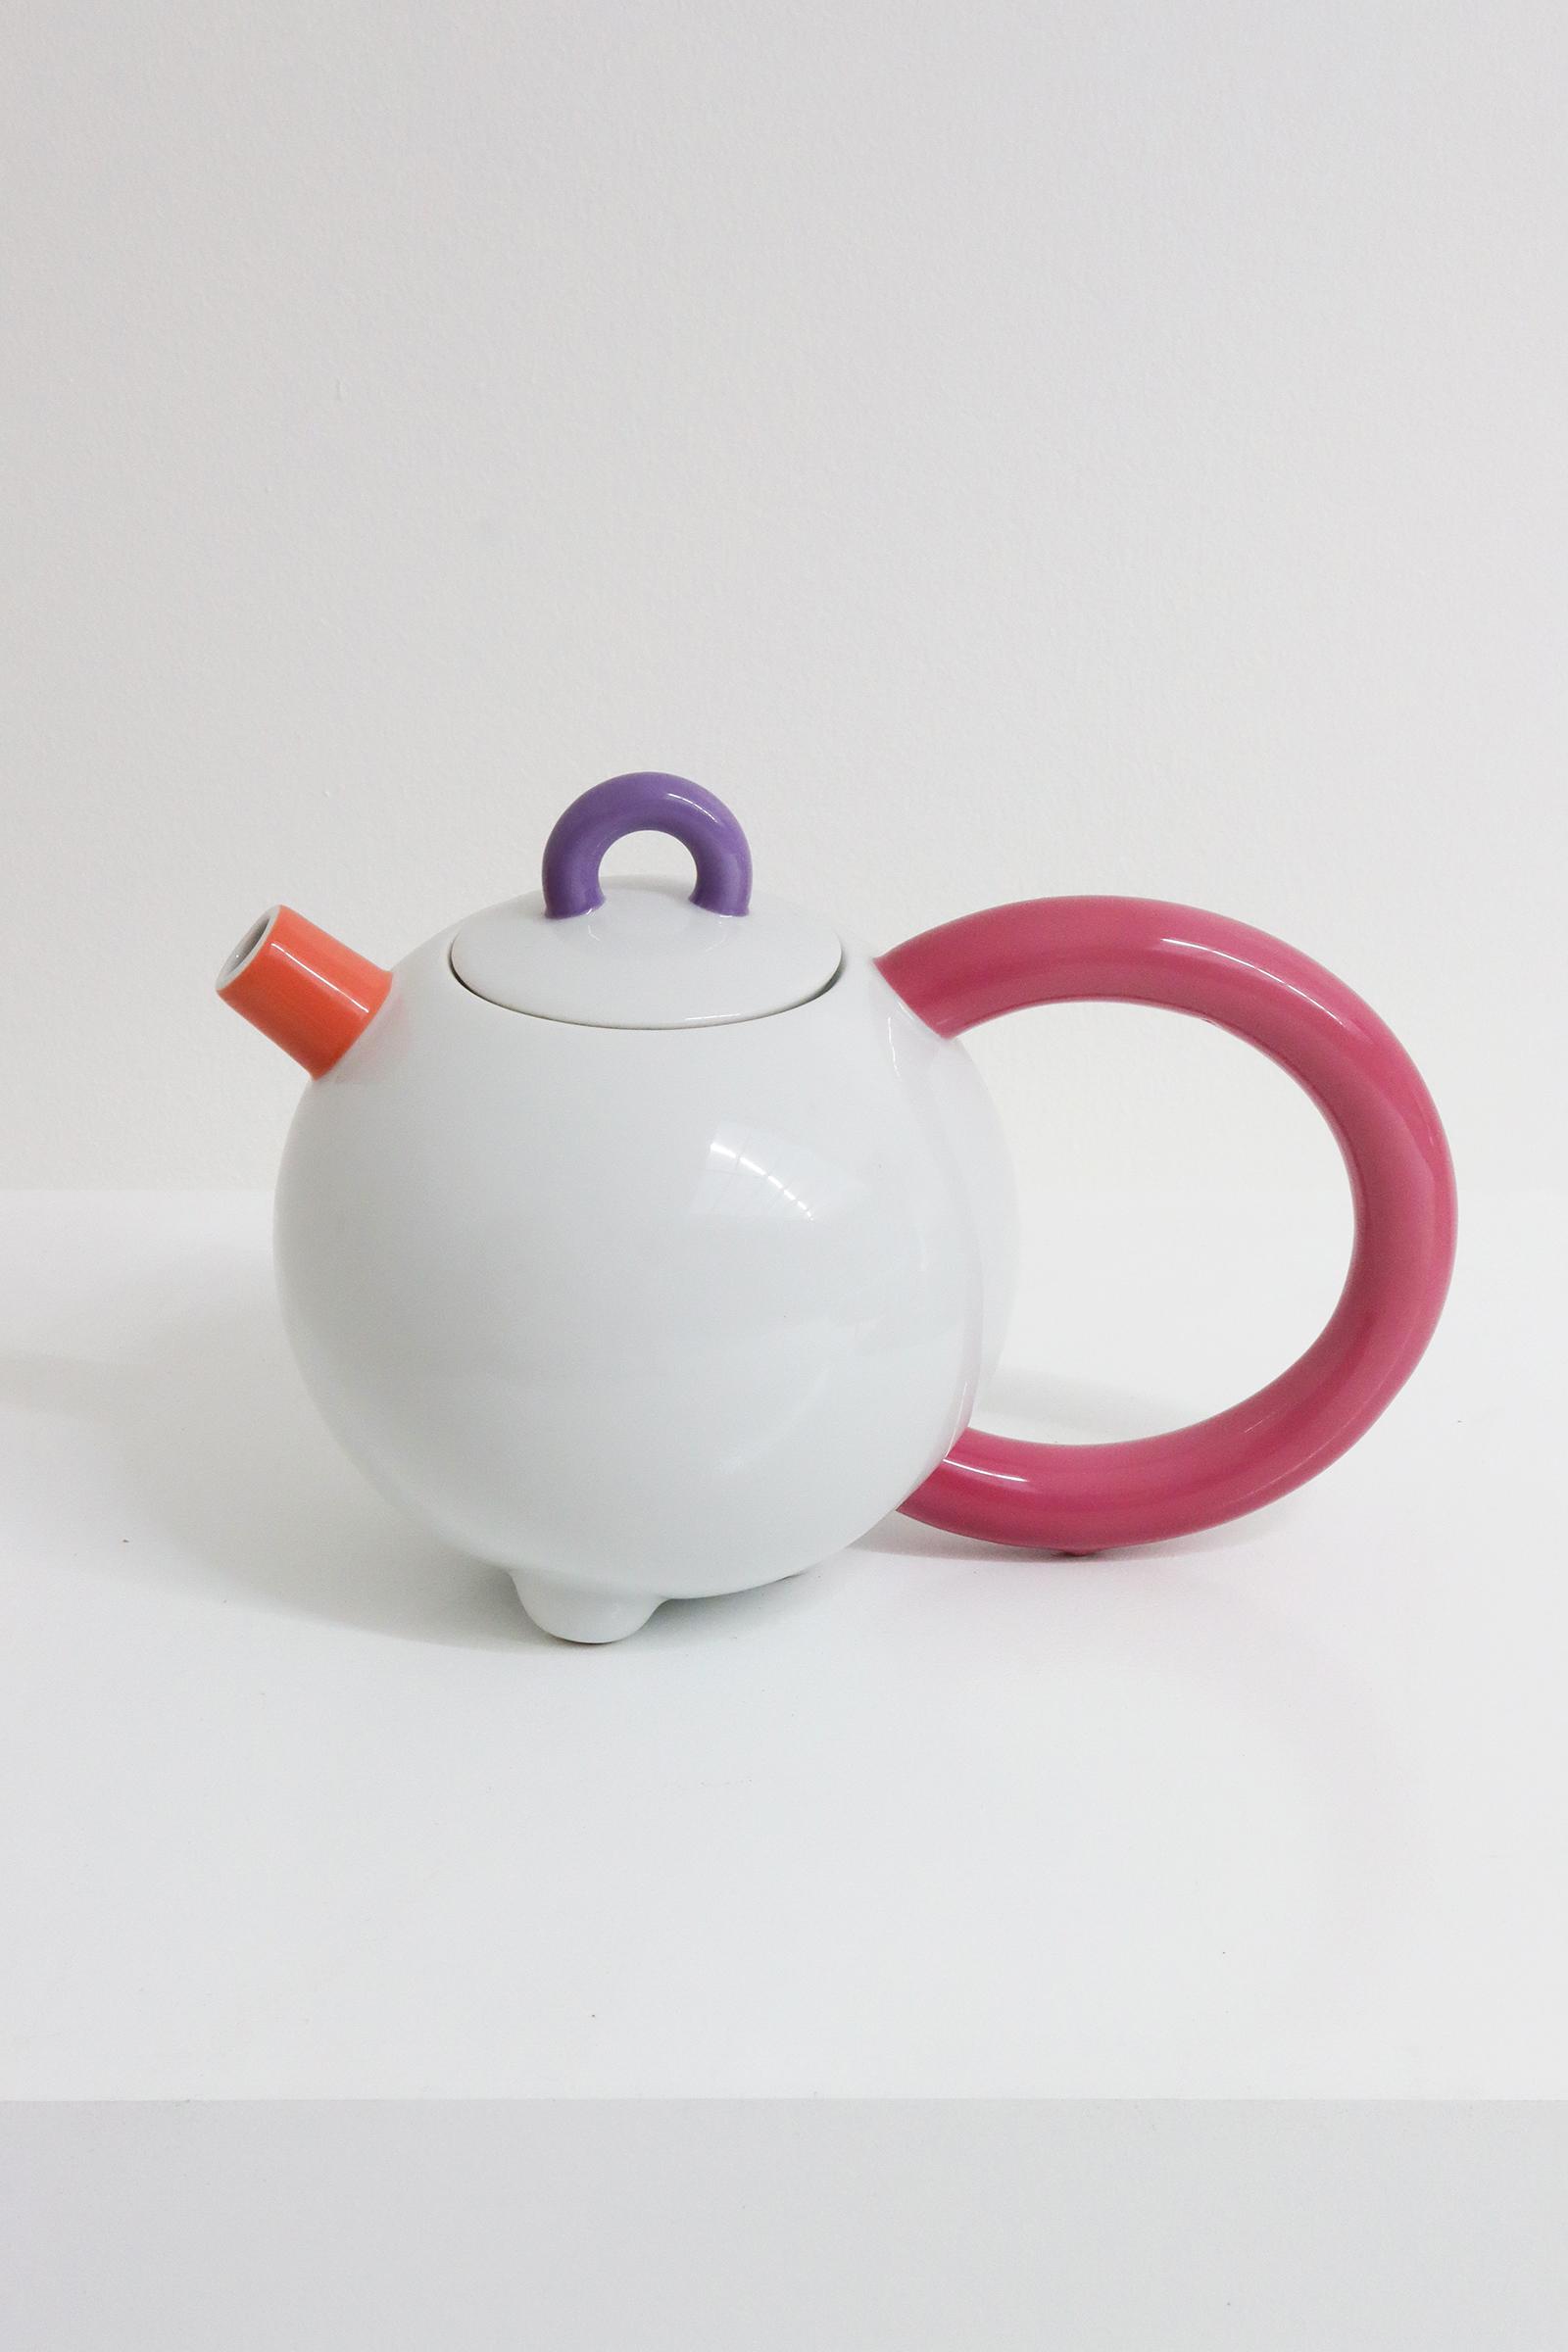 Matteo Thun Fantasia teapotimage 2